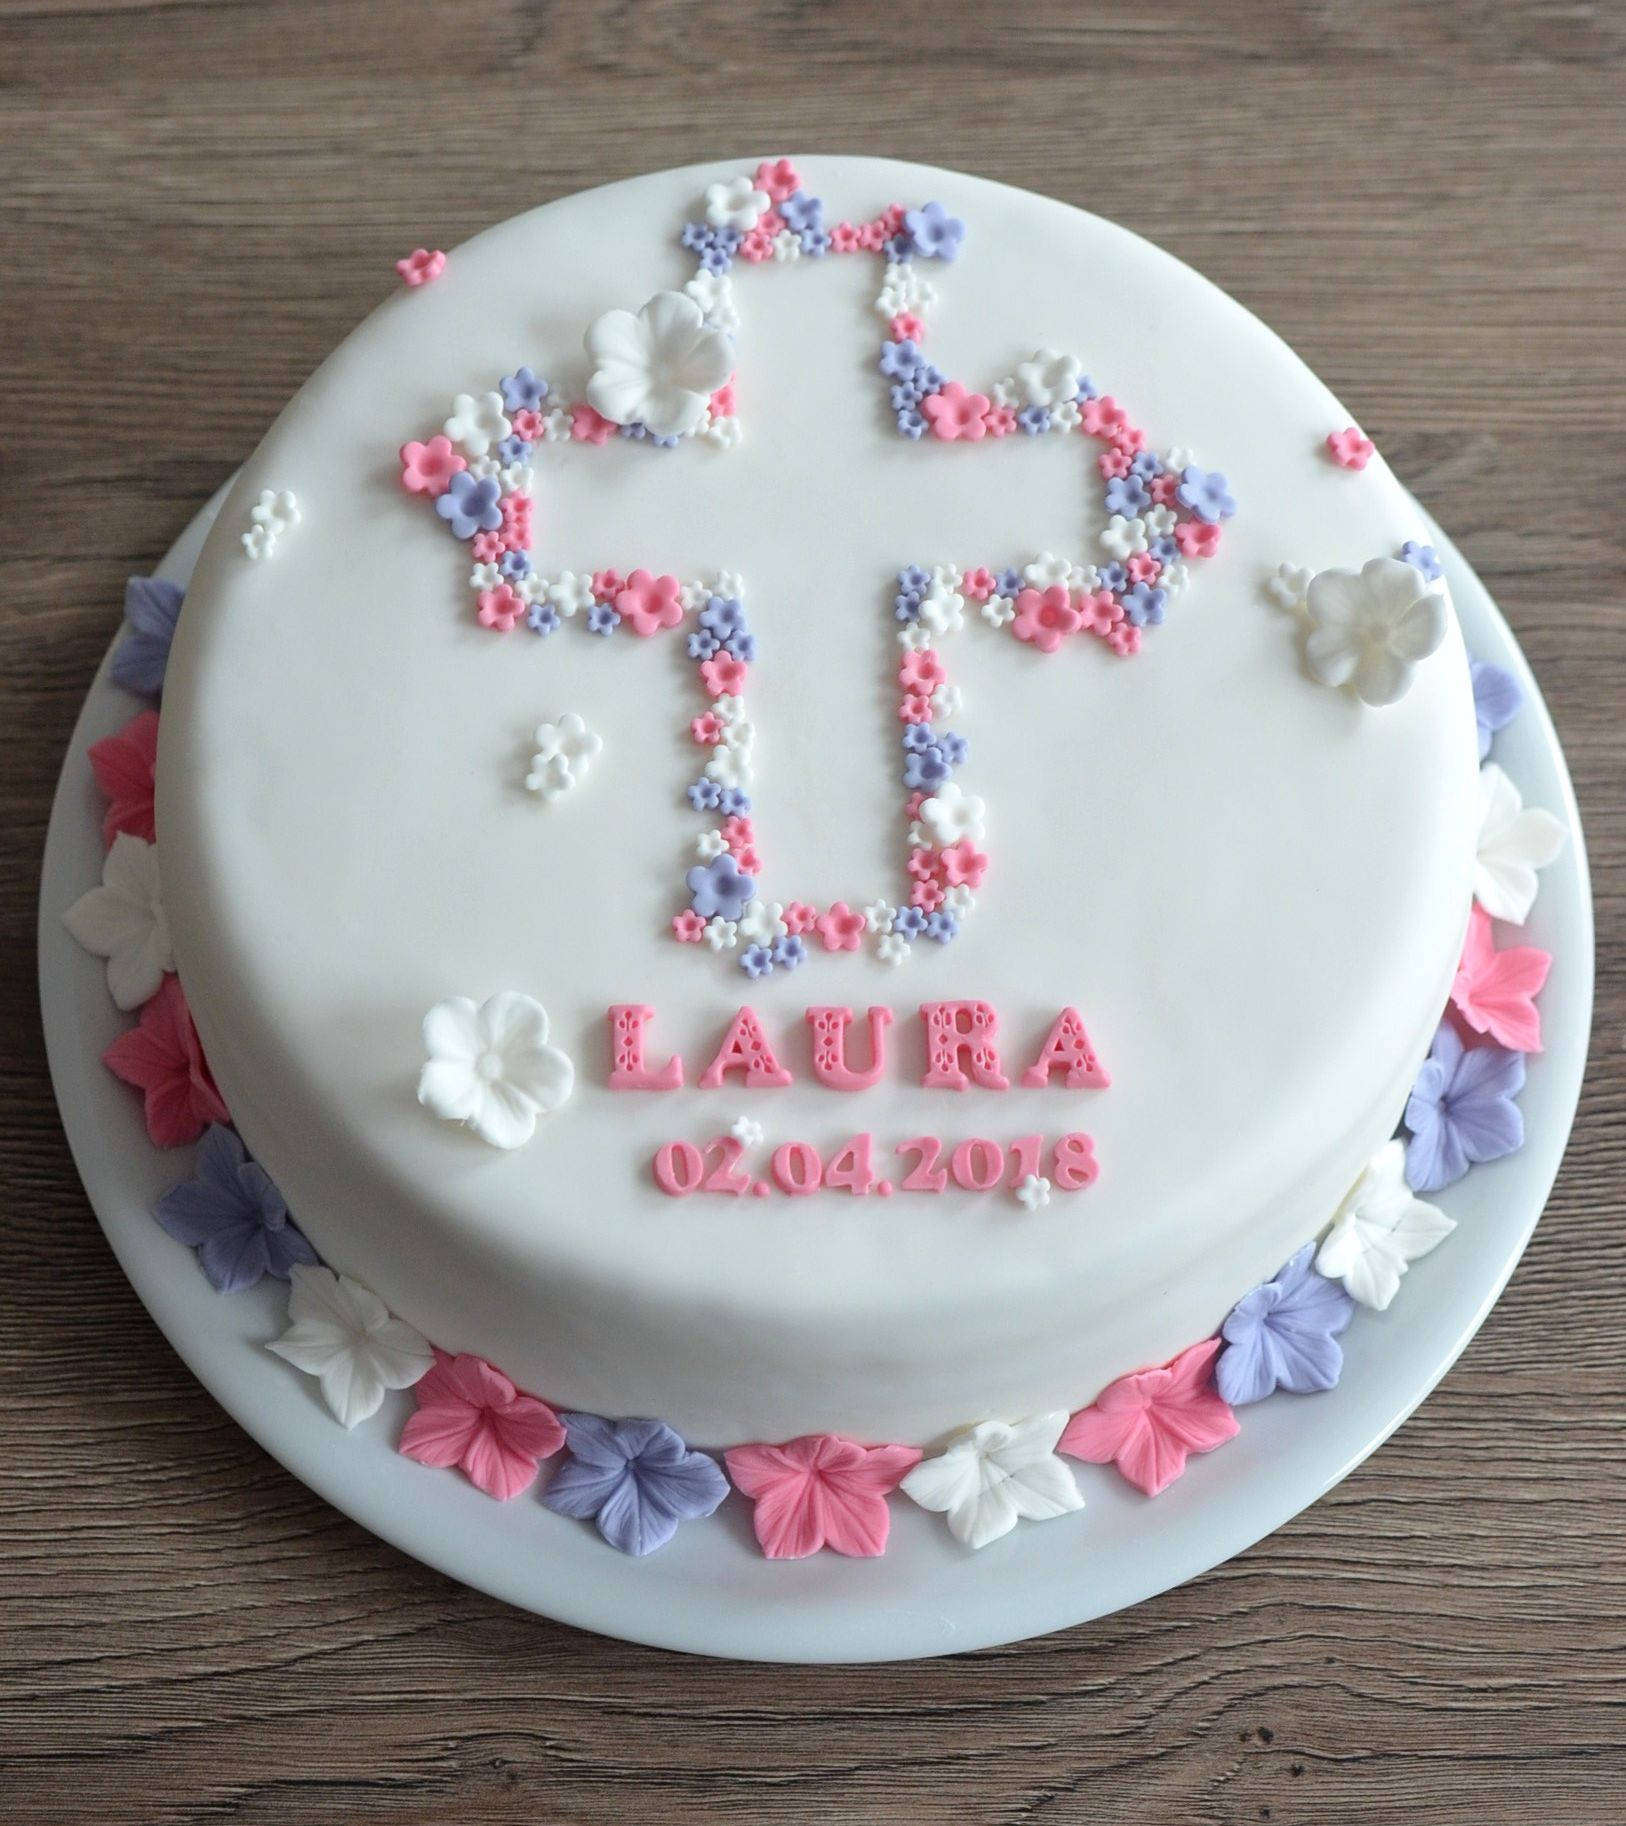 Tauftorte Mädchen mit Blumen, Christening Cake girls #fondant